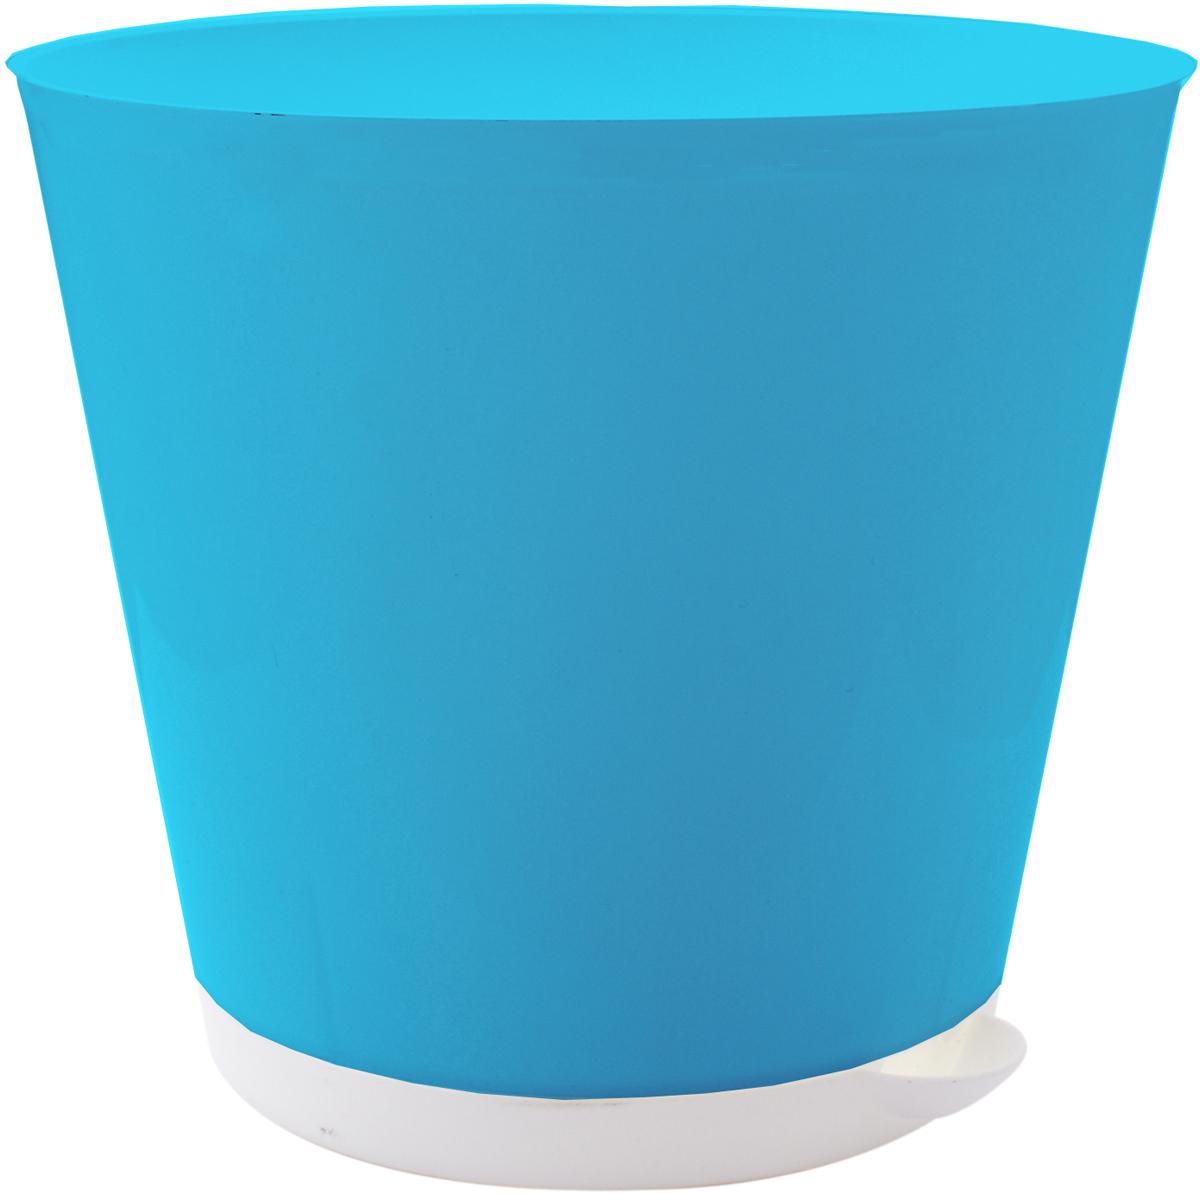 Горшок для цветов InGreen Крит, с системой прикорневого полива, цвет: светло-синий, белый, диаметр 16 смING46016СВСН-16РSГоршок InGreen Крит, выполненный из высококачественного полипропилена (пластика), предназначен для выращивания комнатных цветов, растений и трав. Специальная конструкция обеспечивает вентиляцию в корневой системе растения, а дренажные отверстия позволяют выходить лишней влаге из почвы. Крепежные отверстия и штыри прочно крепят подставку к горшку. Прикорневой полив растения осуществляется через удобный носик. Система прикорневого полива позволяет оставлять комнатное растение без внимания тем, кто часто находится в командировках или собирается в отпуск и не имеет возможности вовремя поливать цветы. Такой горшок порадует вас современным дизайном и функциональностью, а также оригинально украсит интерьер любого помещения. Объем горшка: 1,8 л. Диаметр горшка (по верхнему краю): 16 см. Высота горшка: 14,7 см.